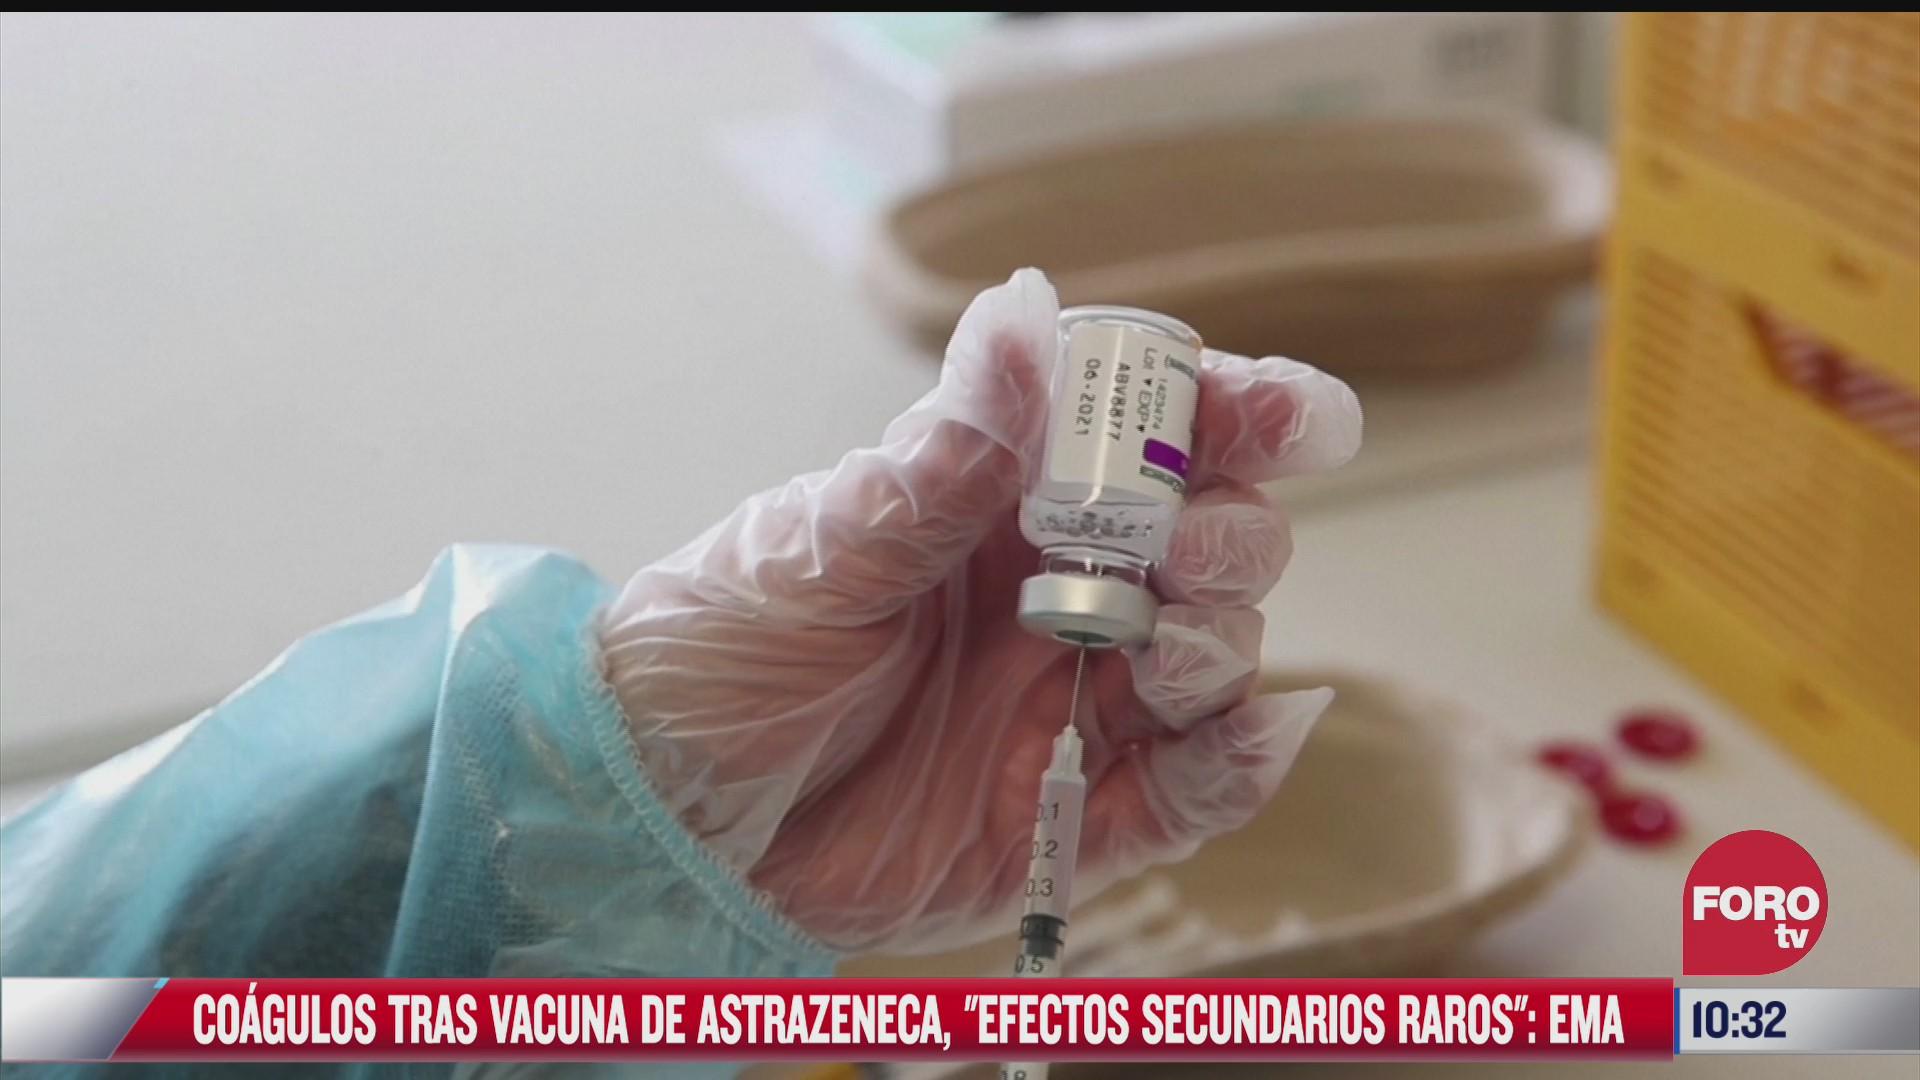 coagulos tras vacuna astrazeneca tiene efectos secundarios raros ema